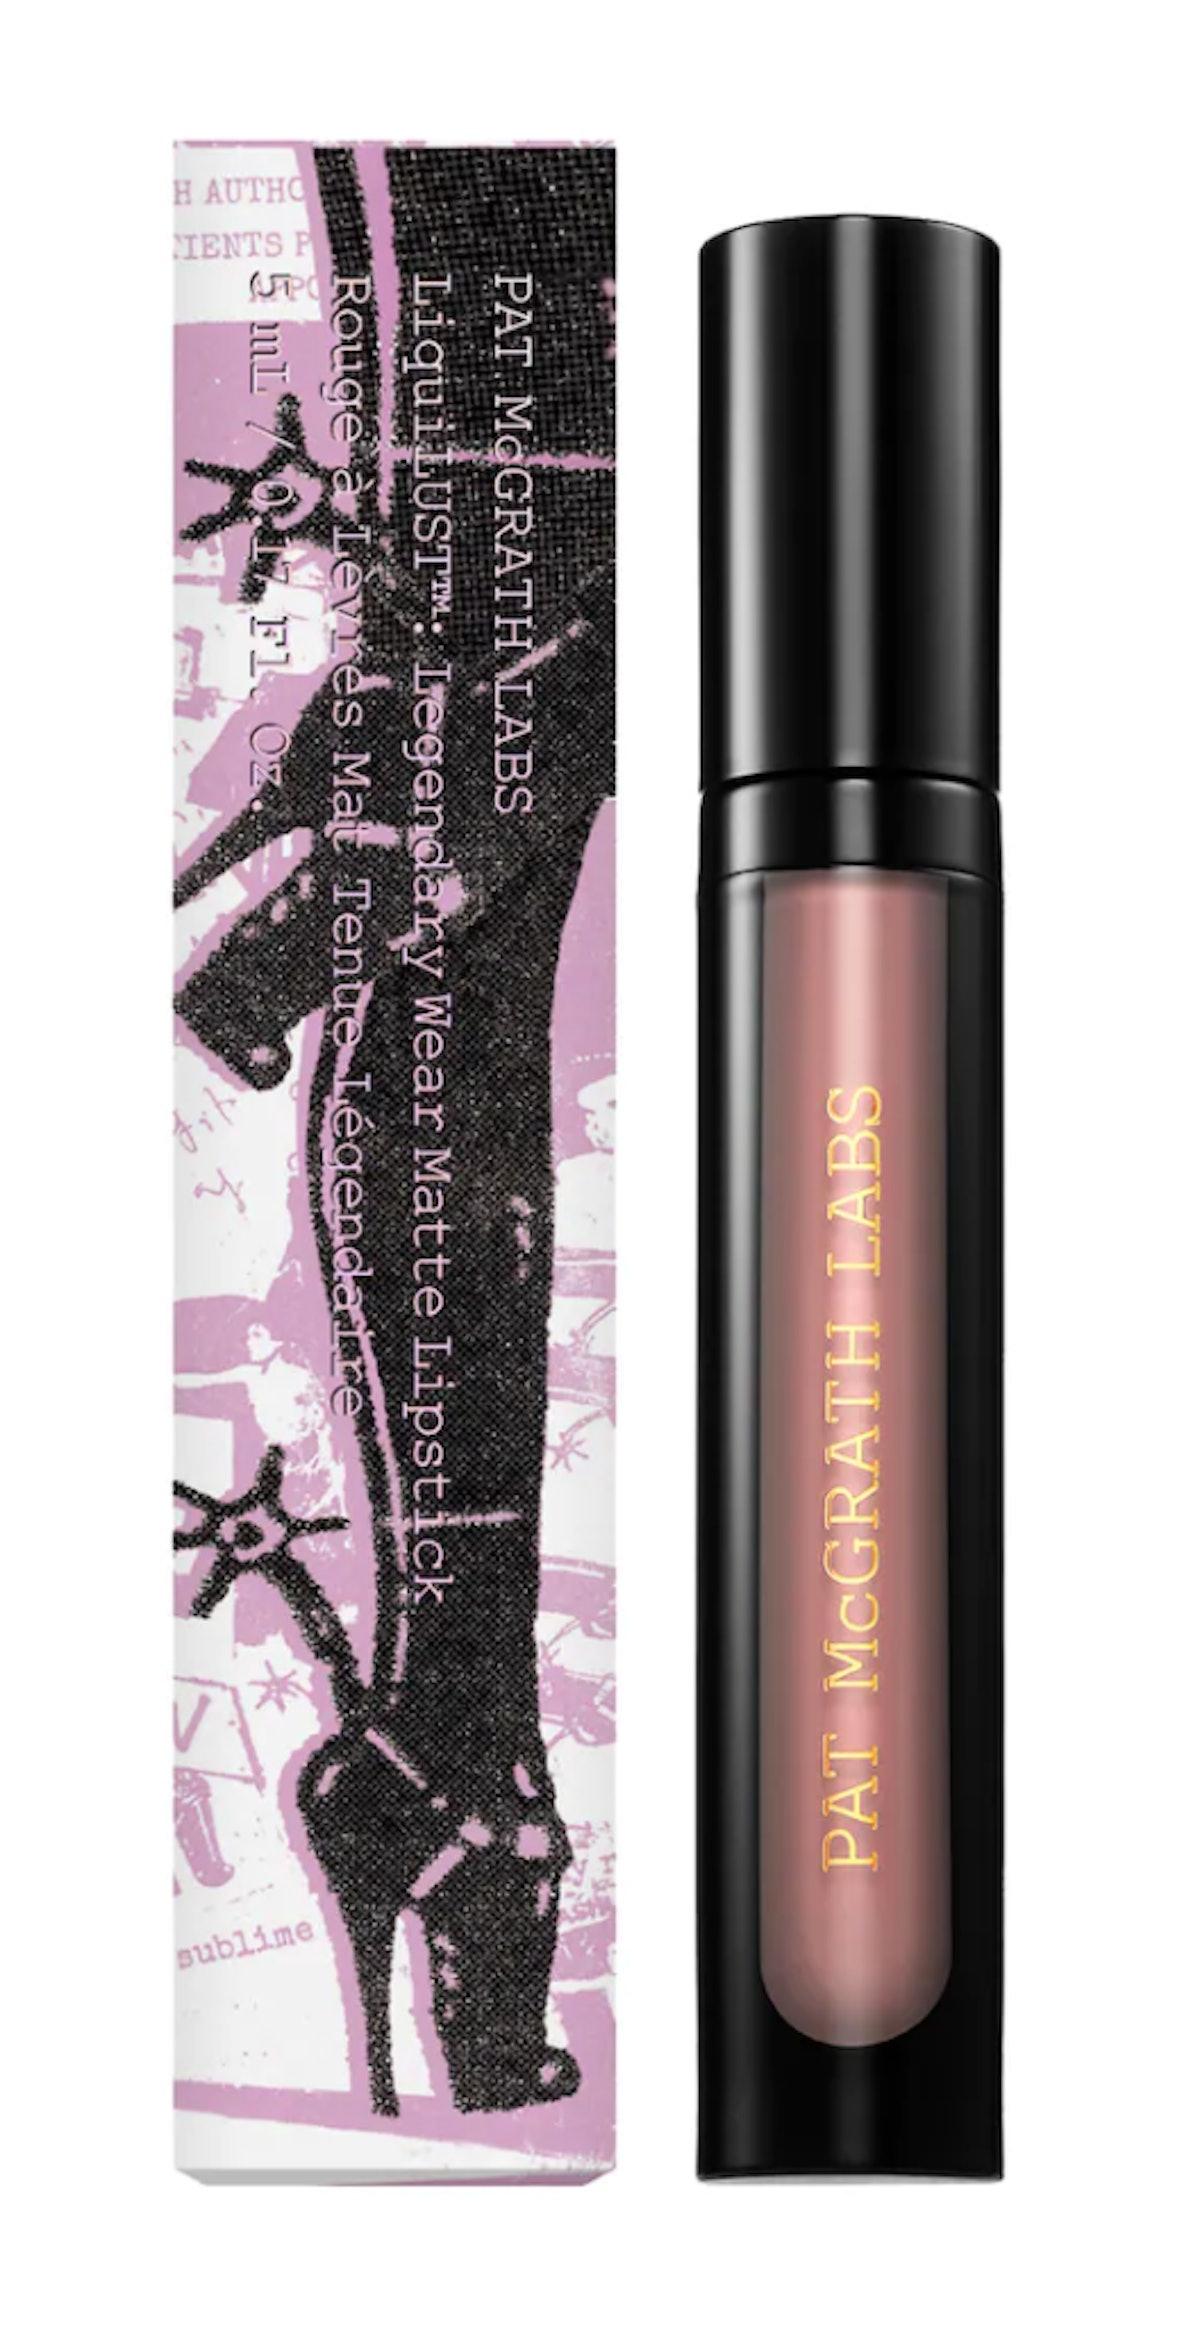 Pat McGrath Liquilust Lipstick in Divine Nude